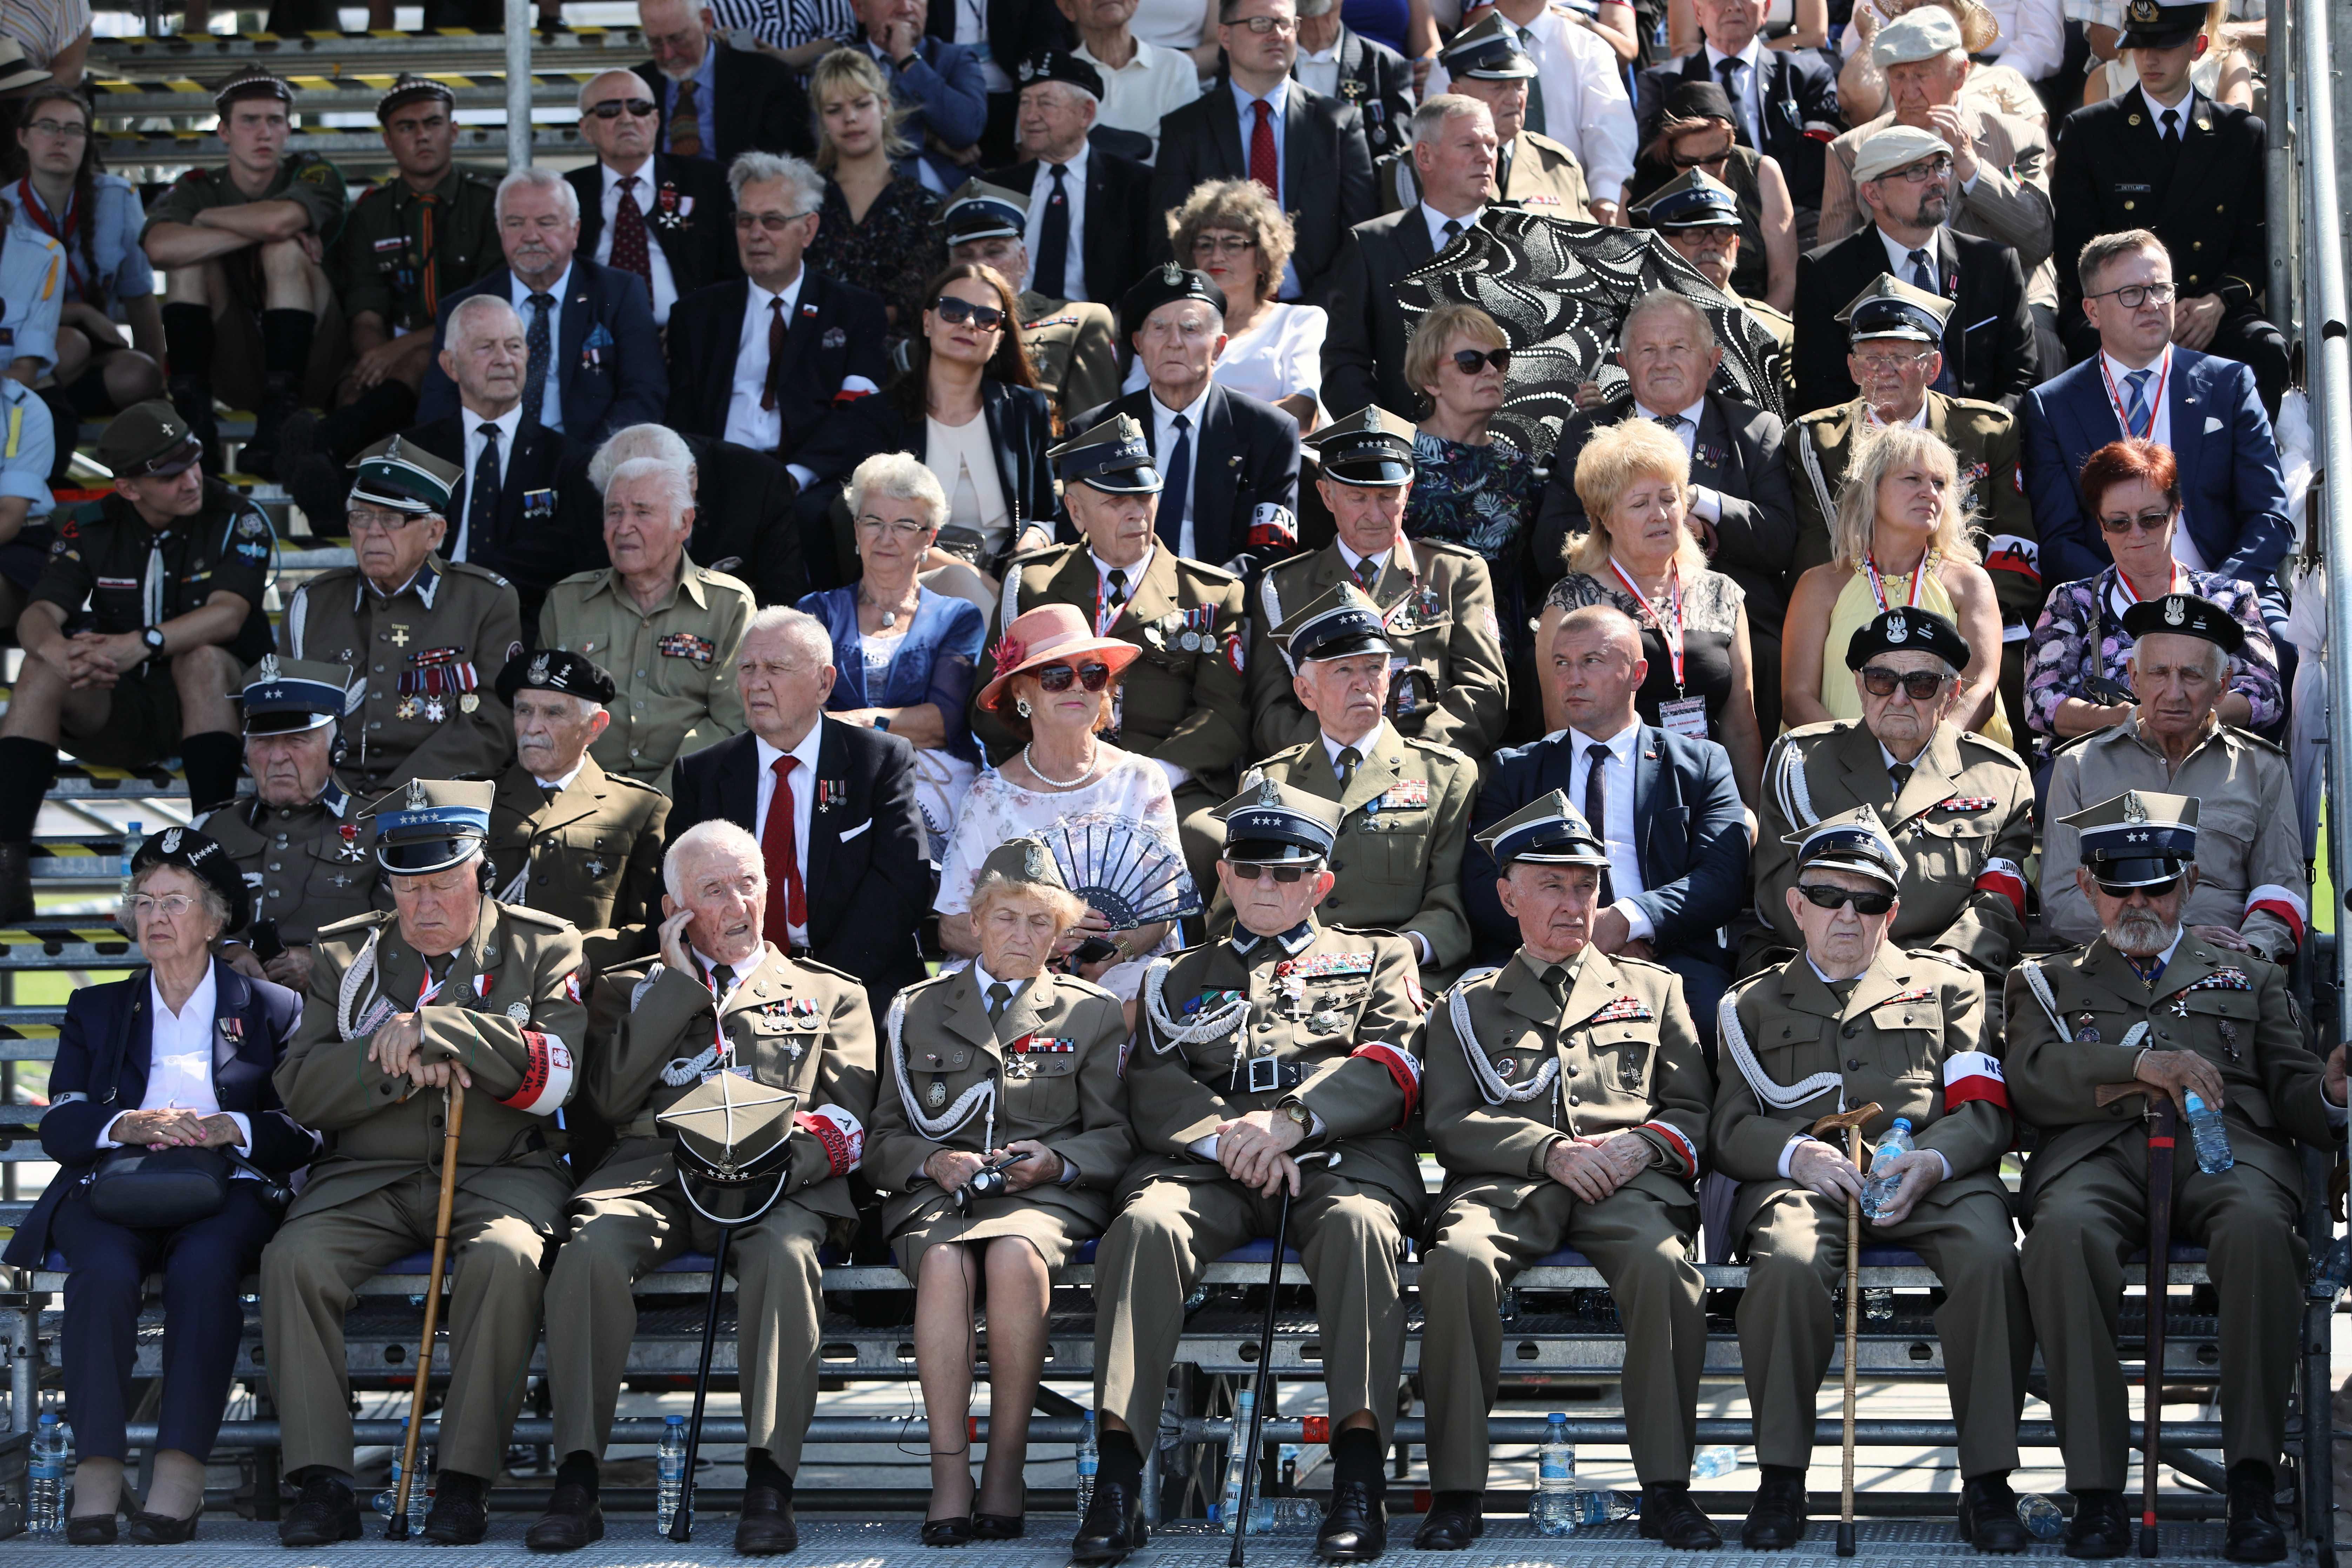 Присъстват десетки представители на други страни, сред които вицепрезидентът на САЩ Майк Пенс, канцлерът и държавният глава на Германия Ангела Меркел и Франк-Валтер Щаймайер, както и българският президент Румен Радев